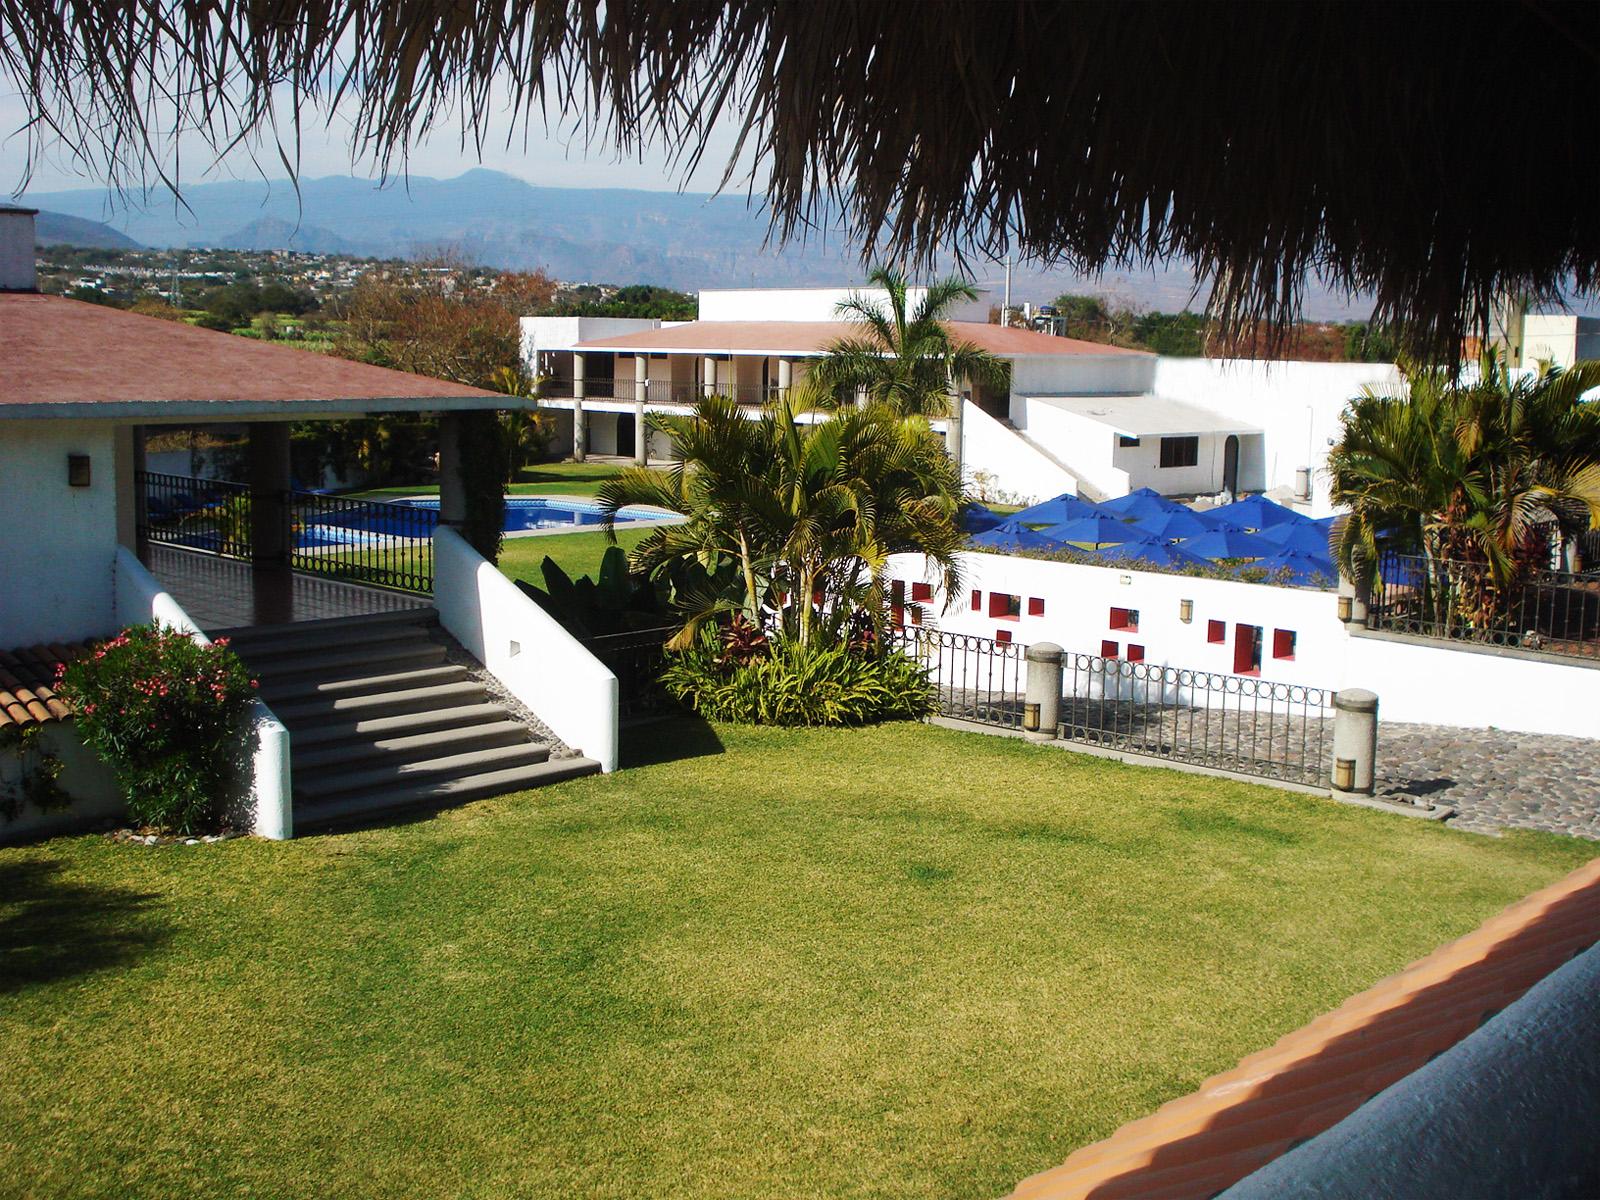 Galer a de fotos hotel iguanas - Hotel las gaunas en logrono ...